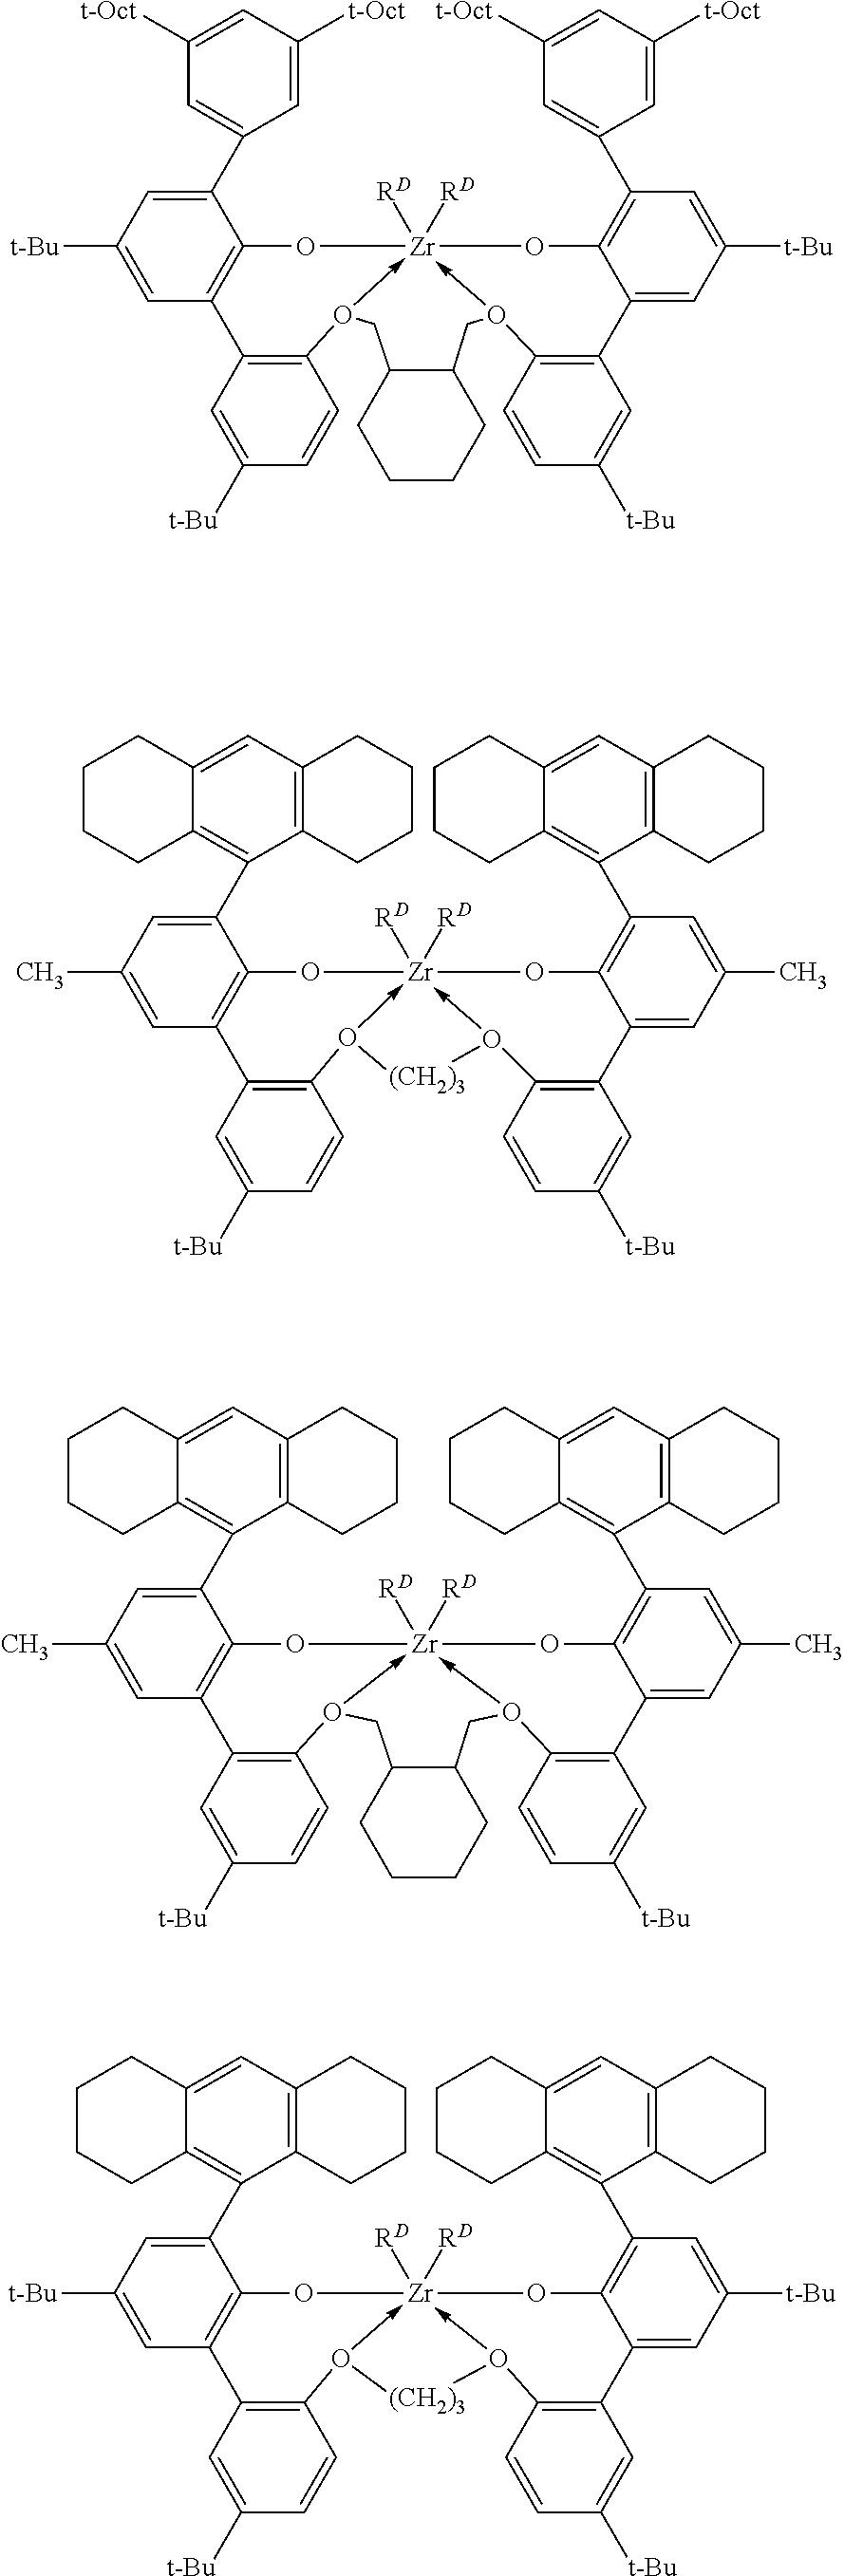 Figure US20120108770A1-20120503-C00049